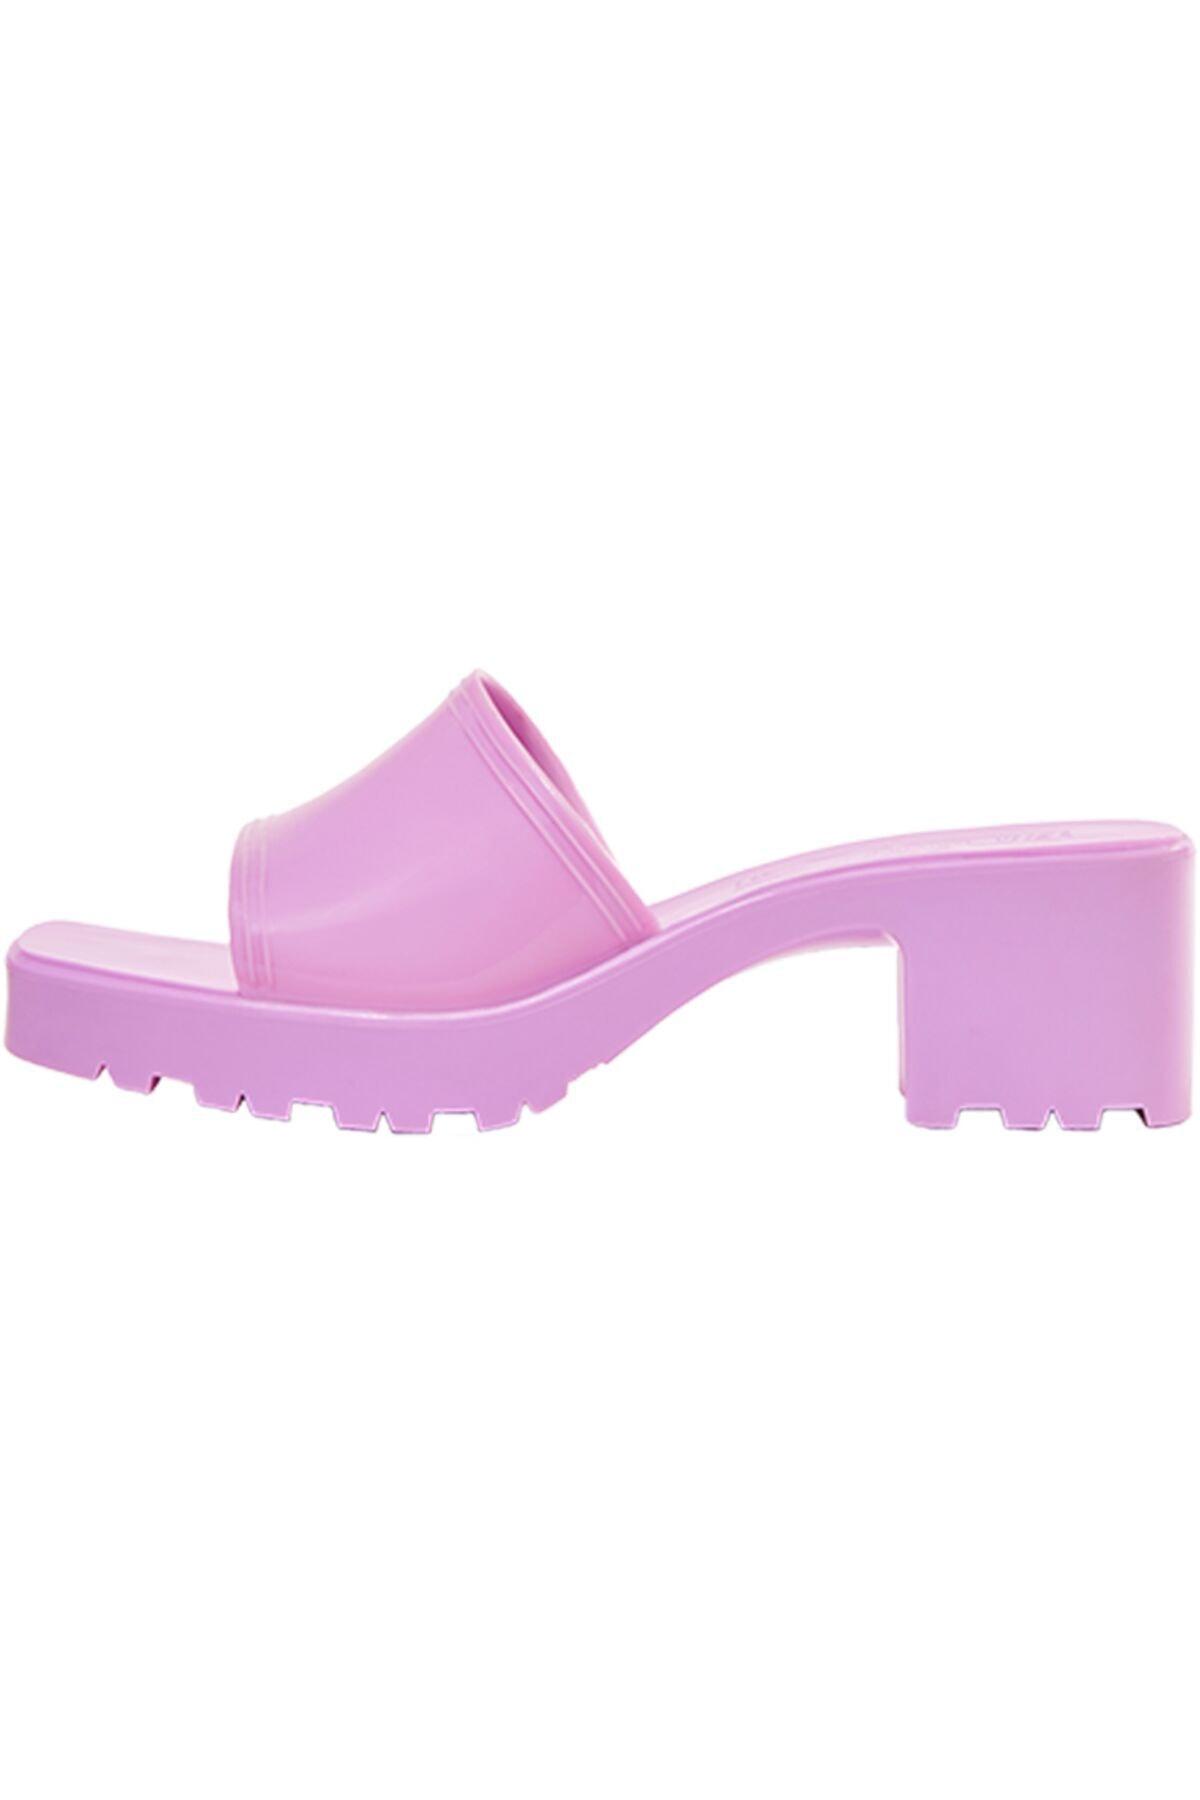 Bershka Kadın Koyu Mor Parlak Topuklu Sandalet 11721760 1